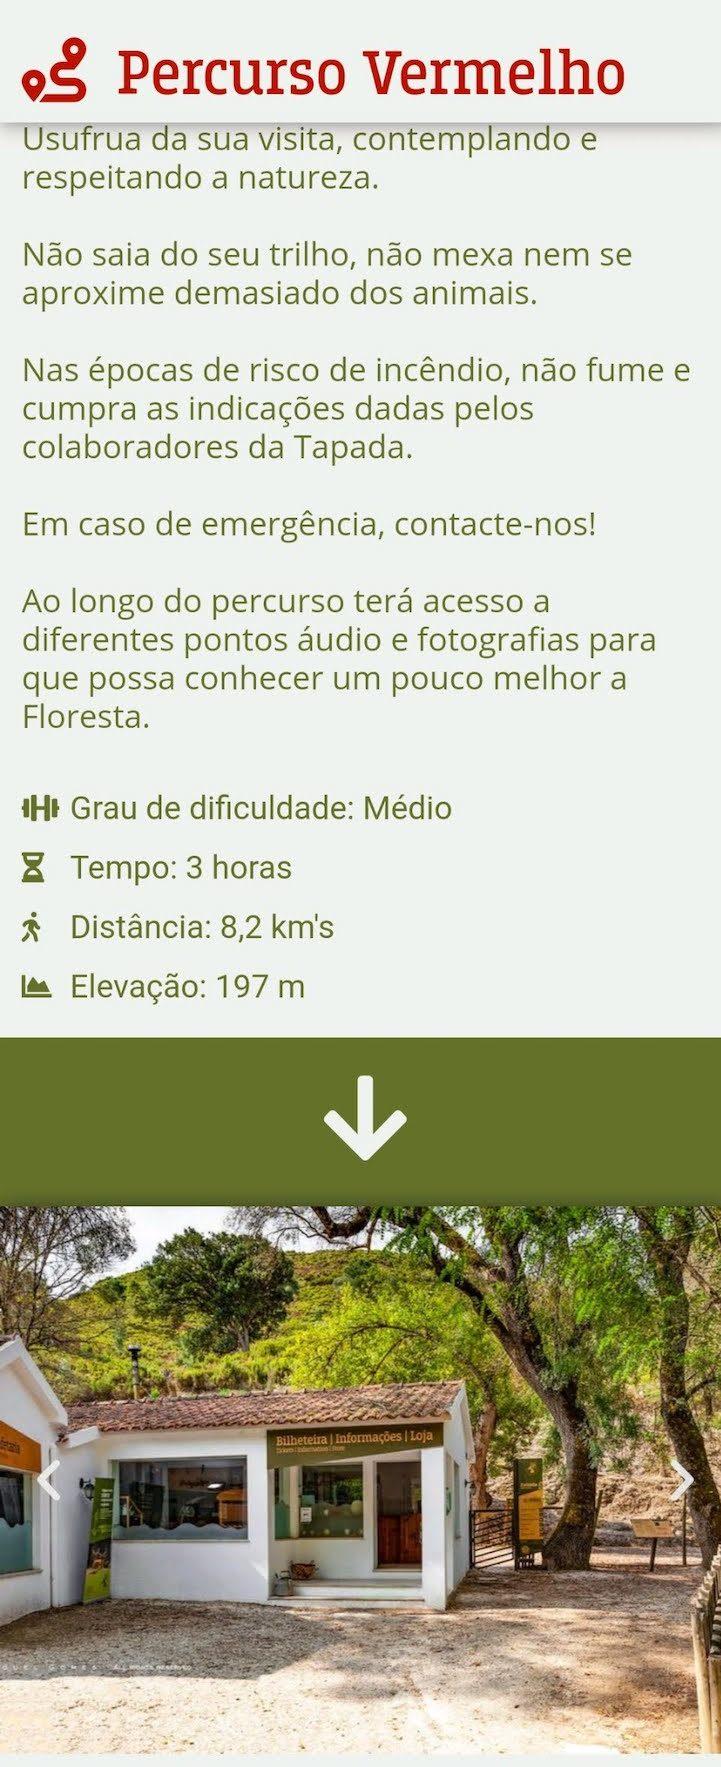 Percursos guiados da Tapada de Mafra - Portugal © Viaje Comigo